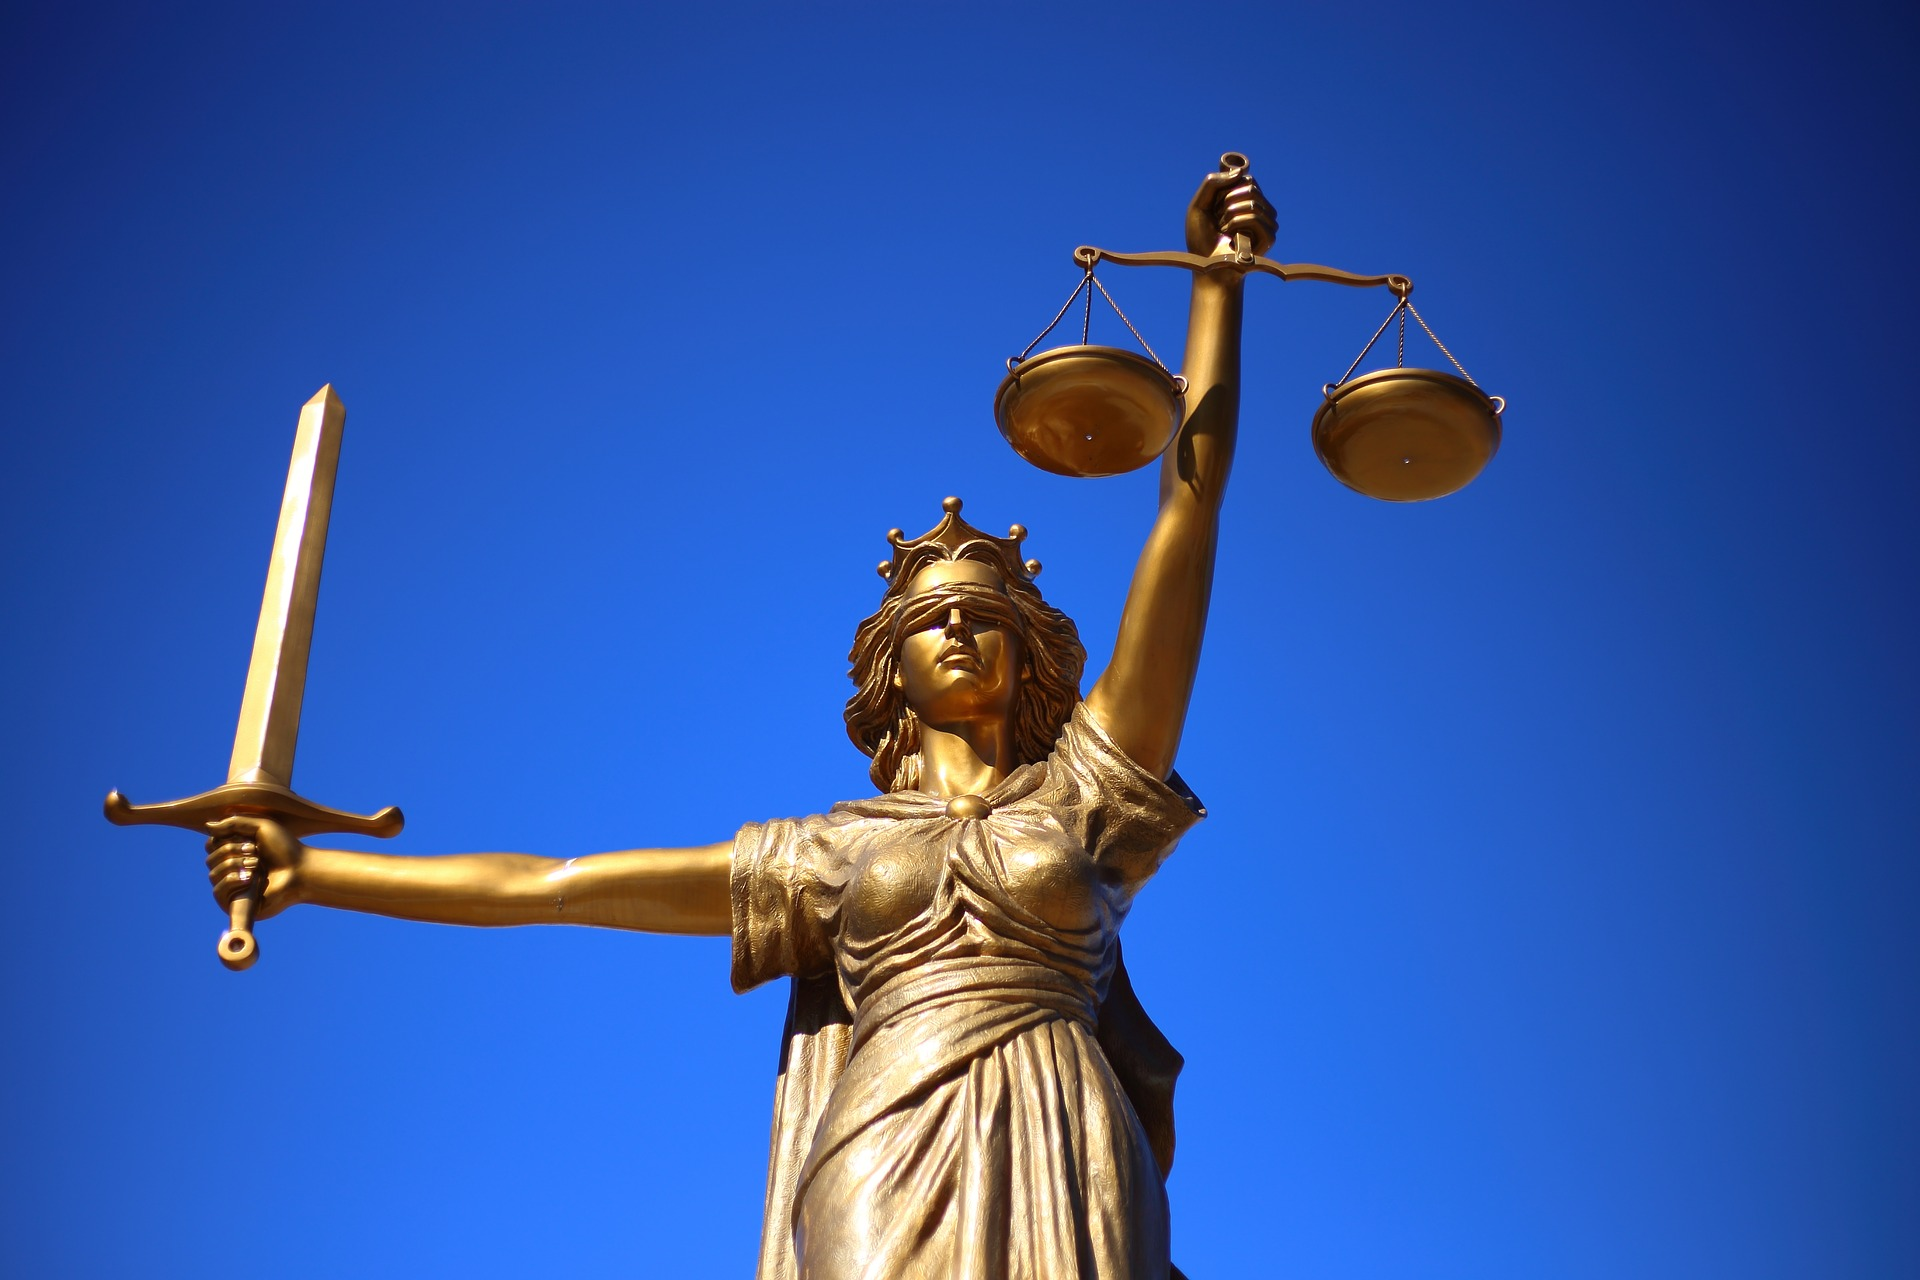 justice-2060093_1920.jpg